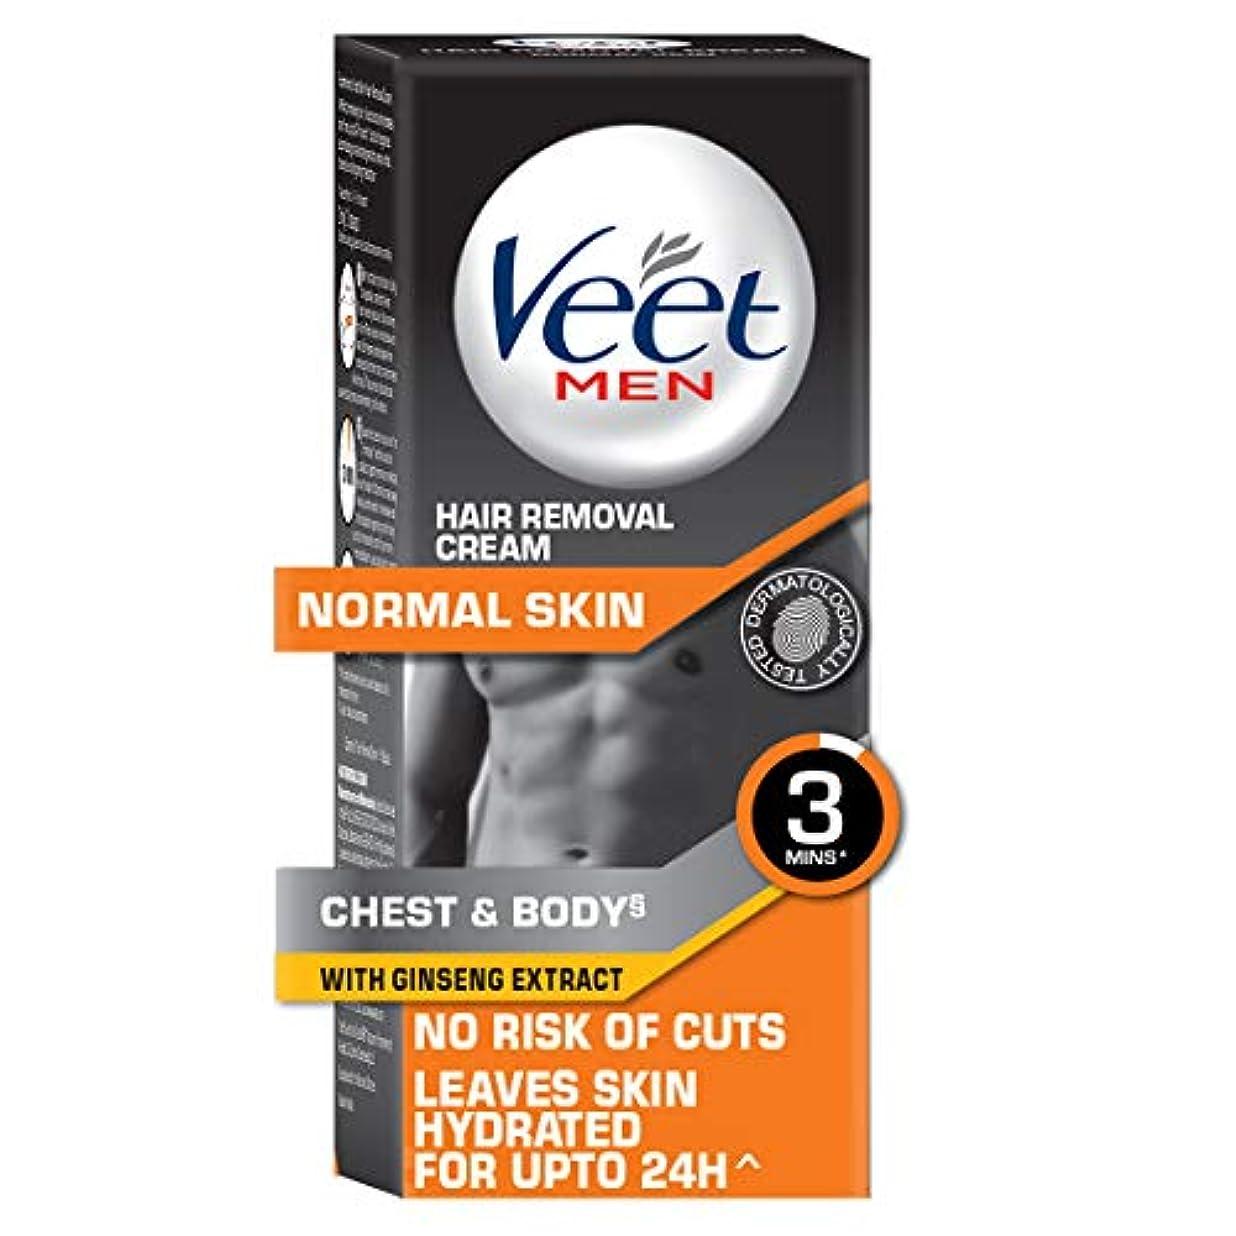 未接続意味するメロディーVeet Hair Removal Cream for Men, Normal Skin - 50g